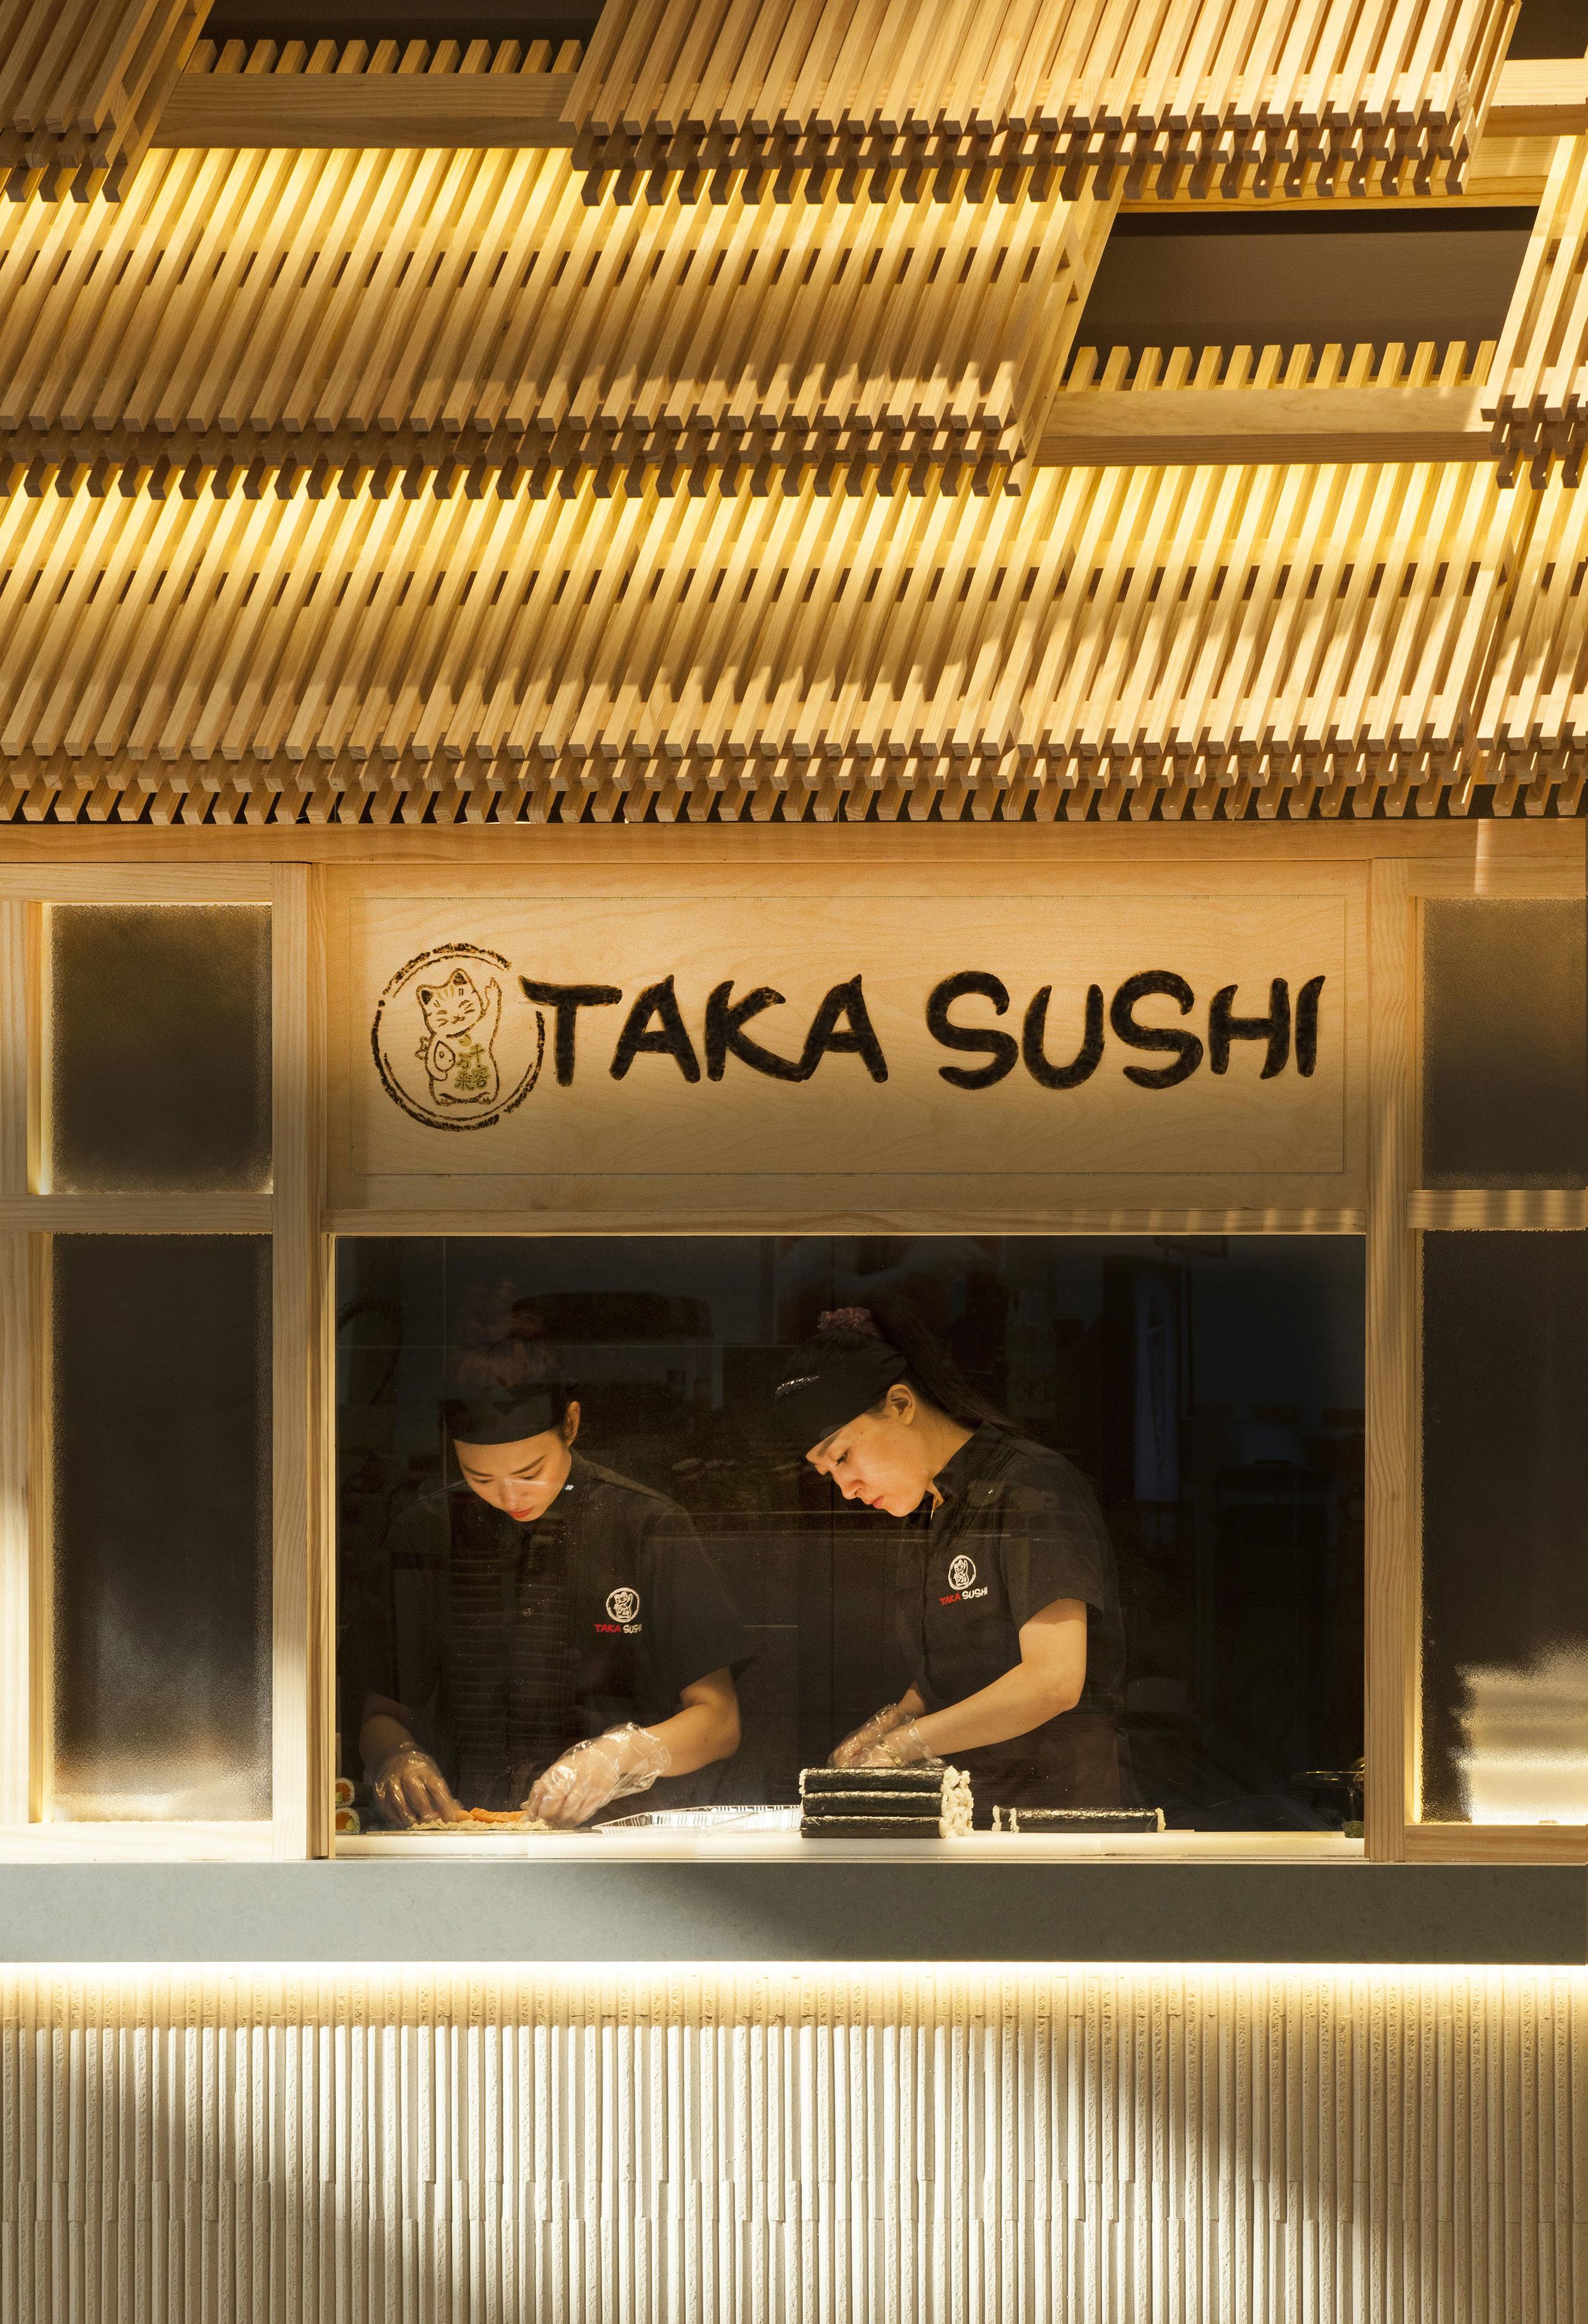 TAKA SUSHI_01 OF 8.jpg